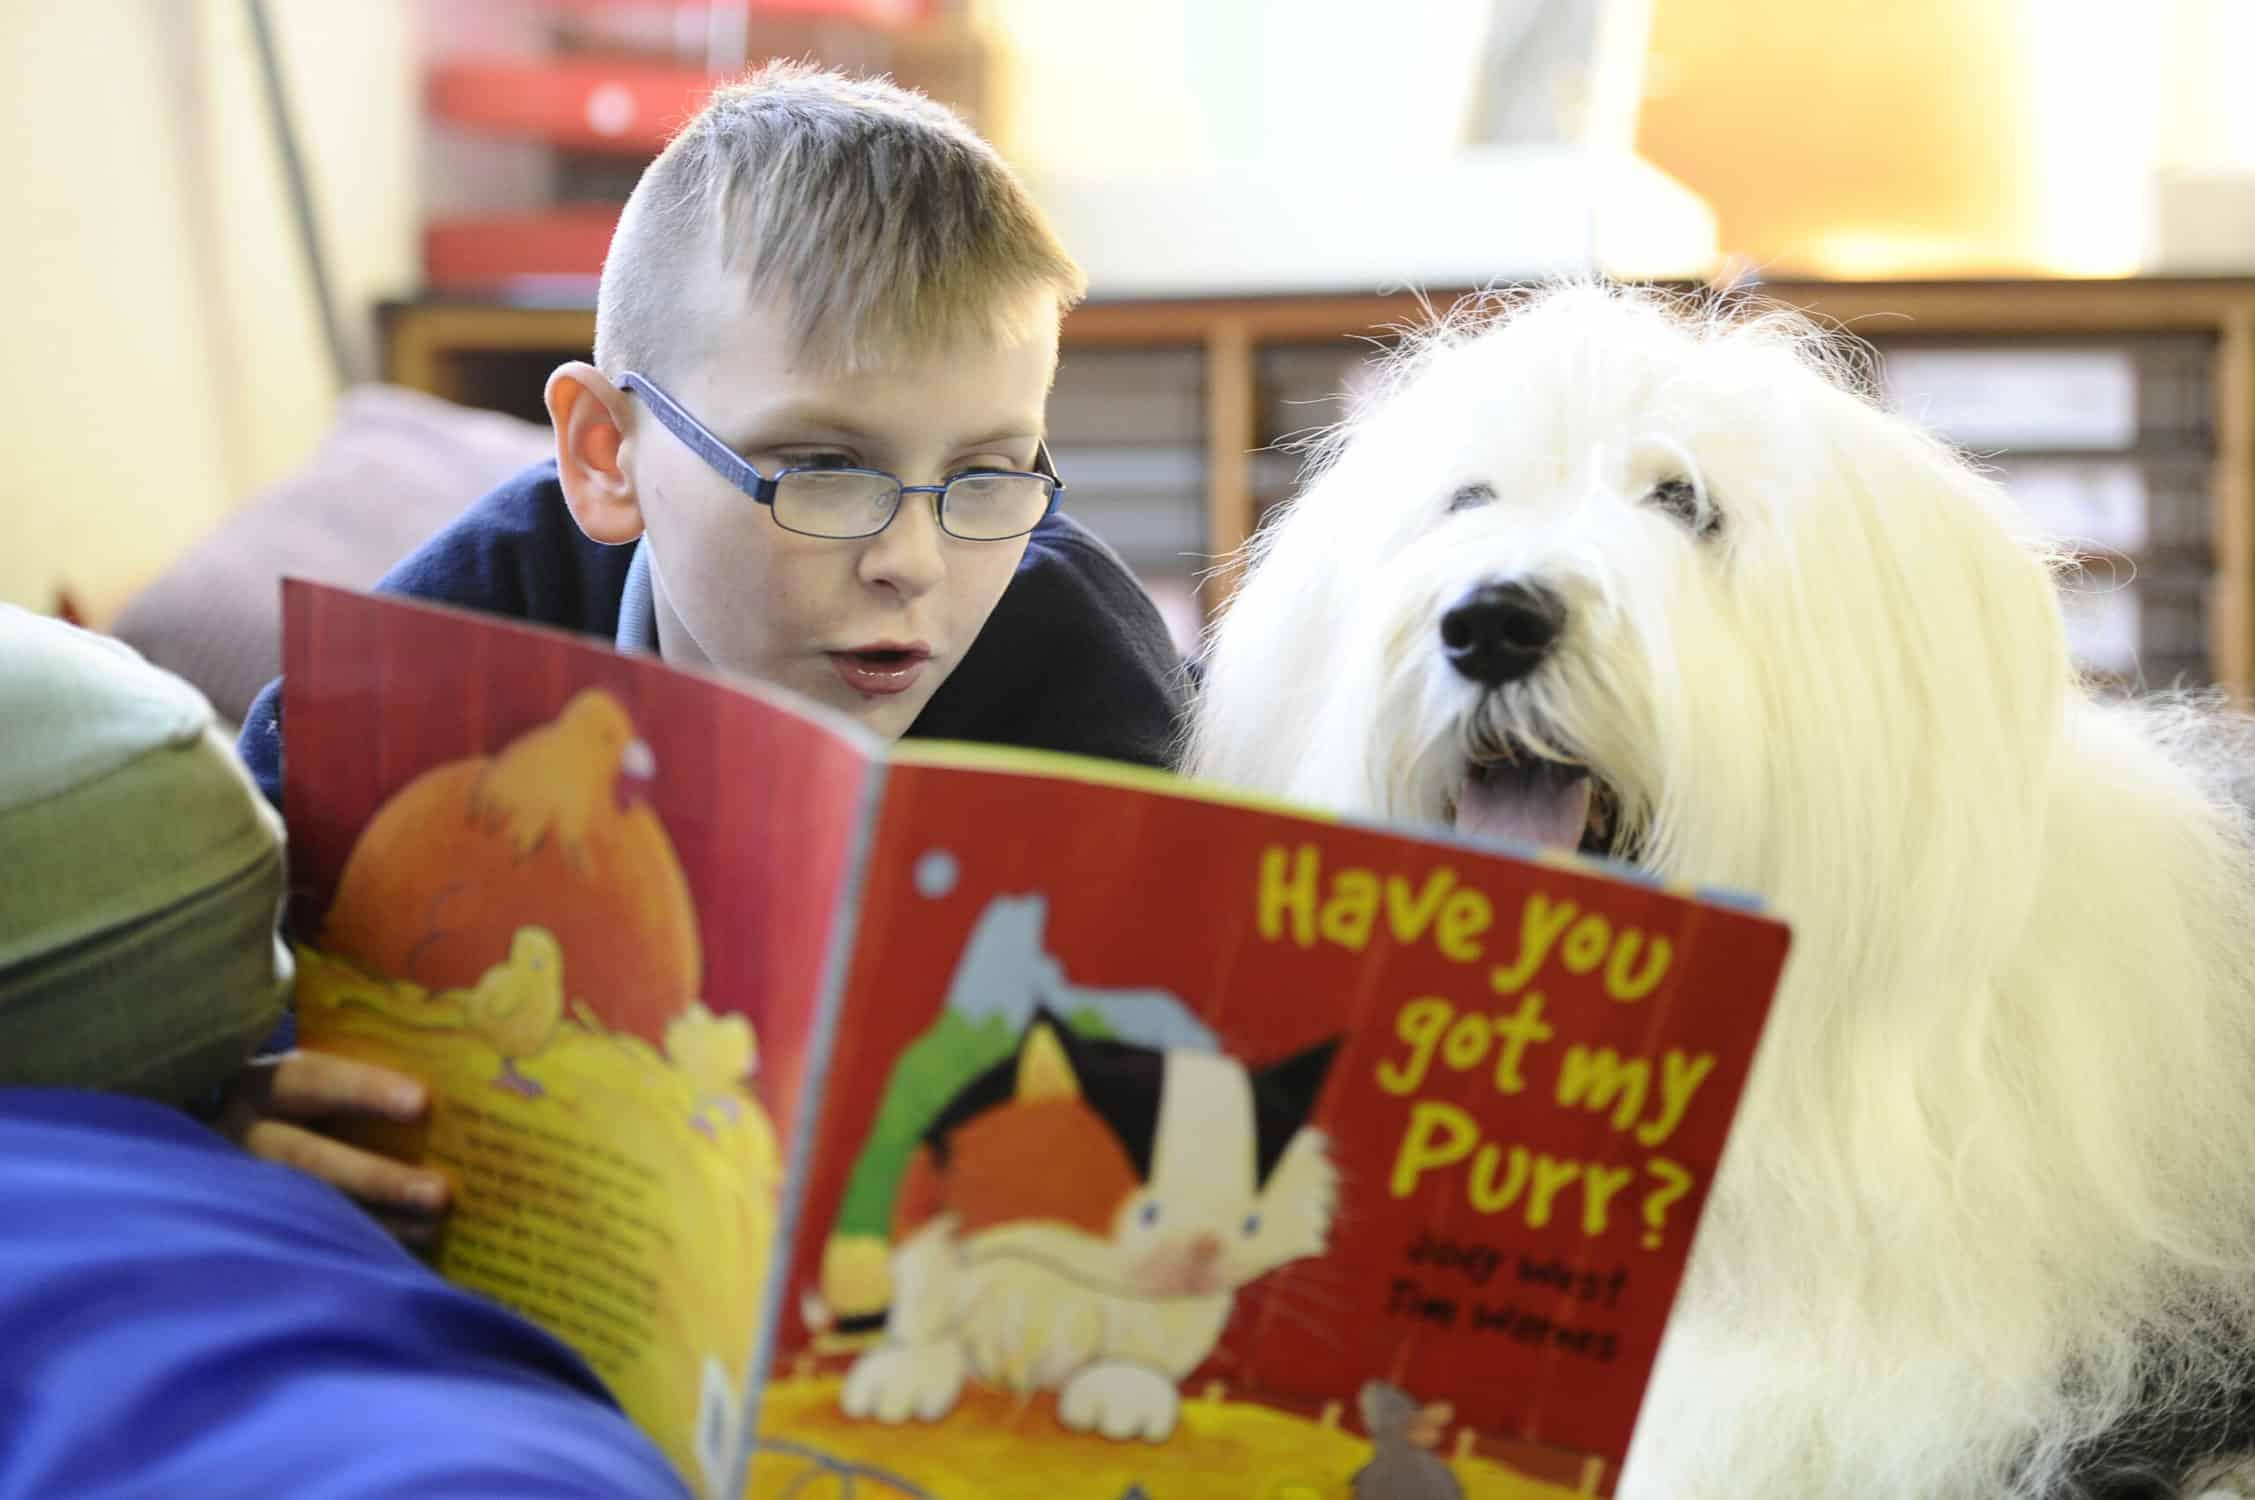 Lorsque les enfants lisent aux chiens, leur capacité de lecture et leur confiance en eux s'en trouvent renforcées. Le Kennel Club explique pourquoi il forme des chiens à la lecture dans les écoles afin d'améliorer l'alphabétisation des enfants.